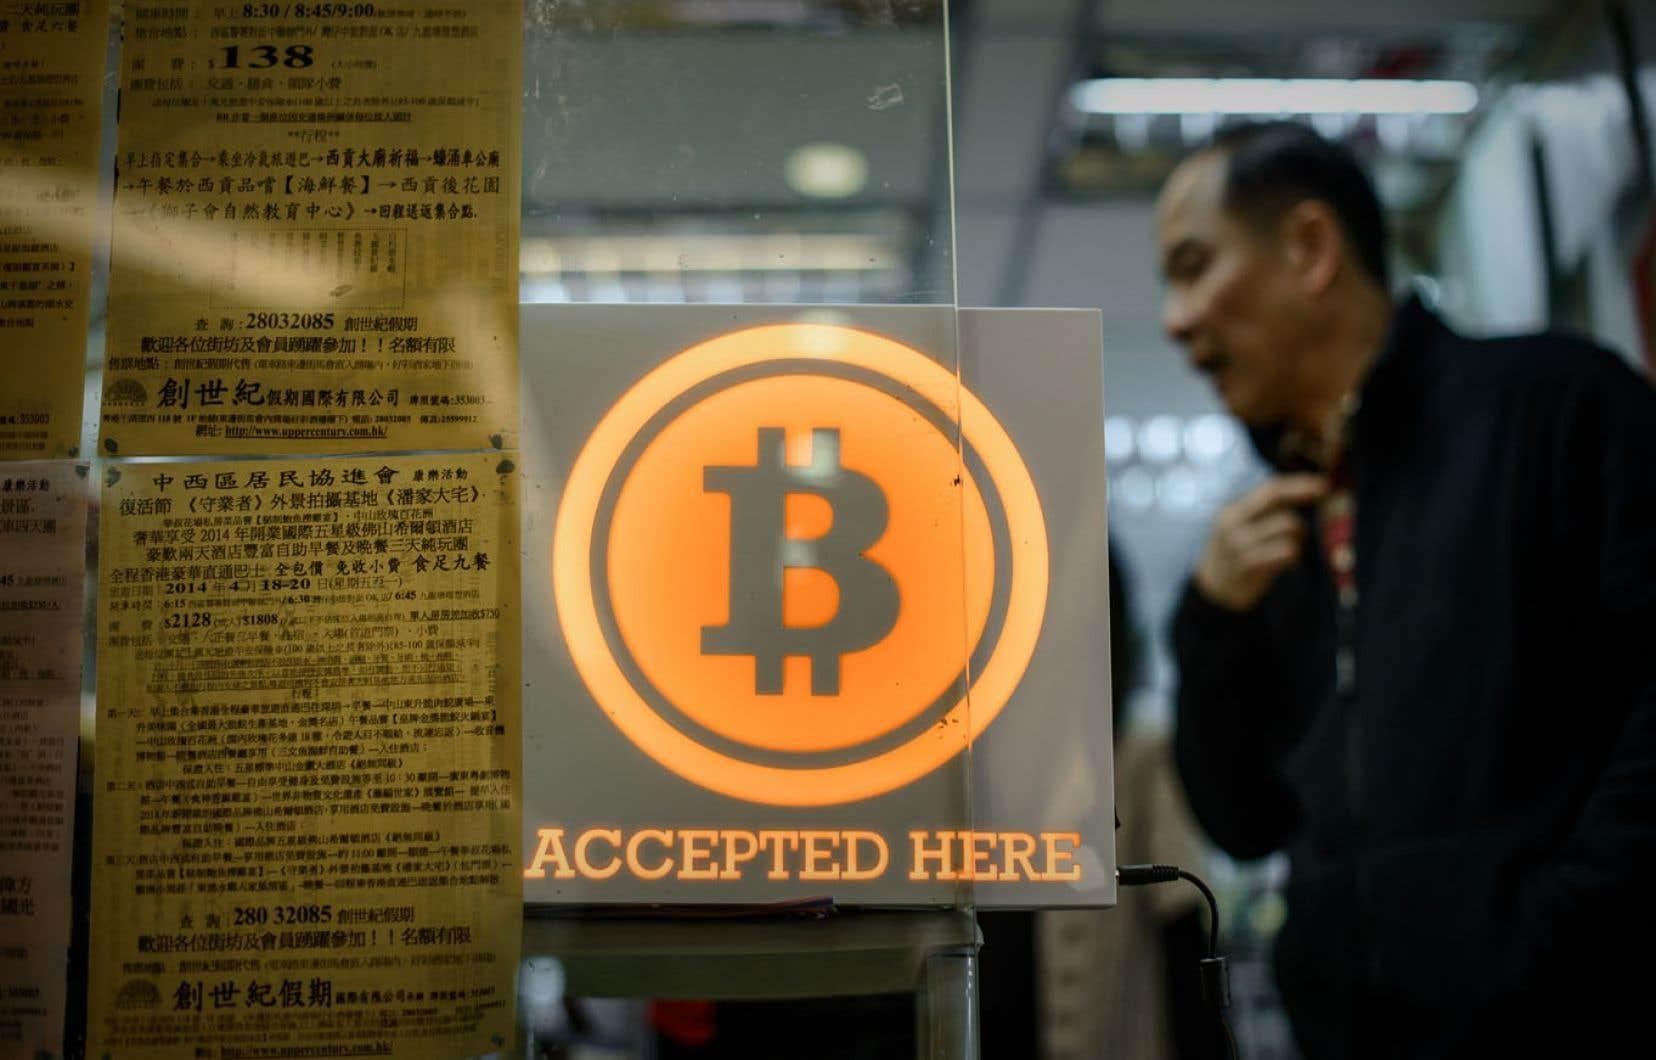 Le bitcoin a connu une popularité fulgurante avant de totalement s'effondrer.